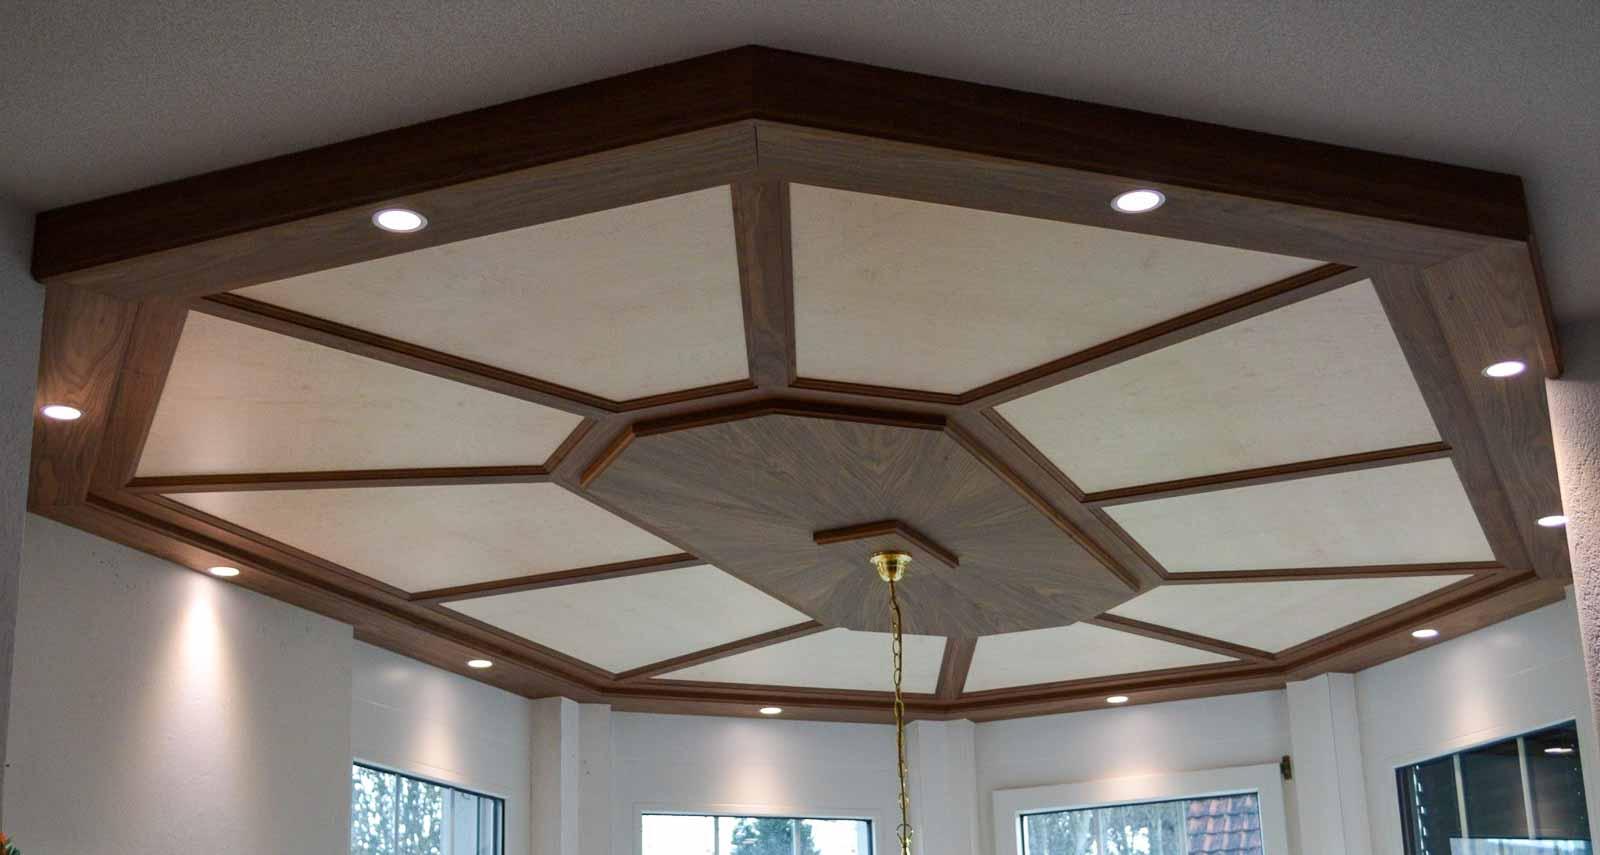 Wooddesign_Holzdesign_Decke_Massivholdecke_Holzfüllungen-LED-Beleuchtung (7)